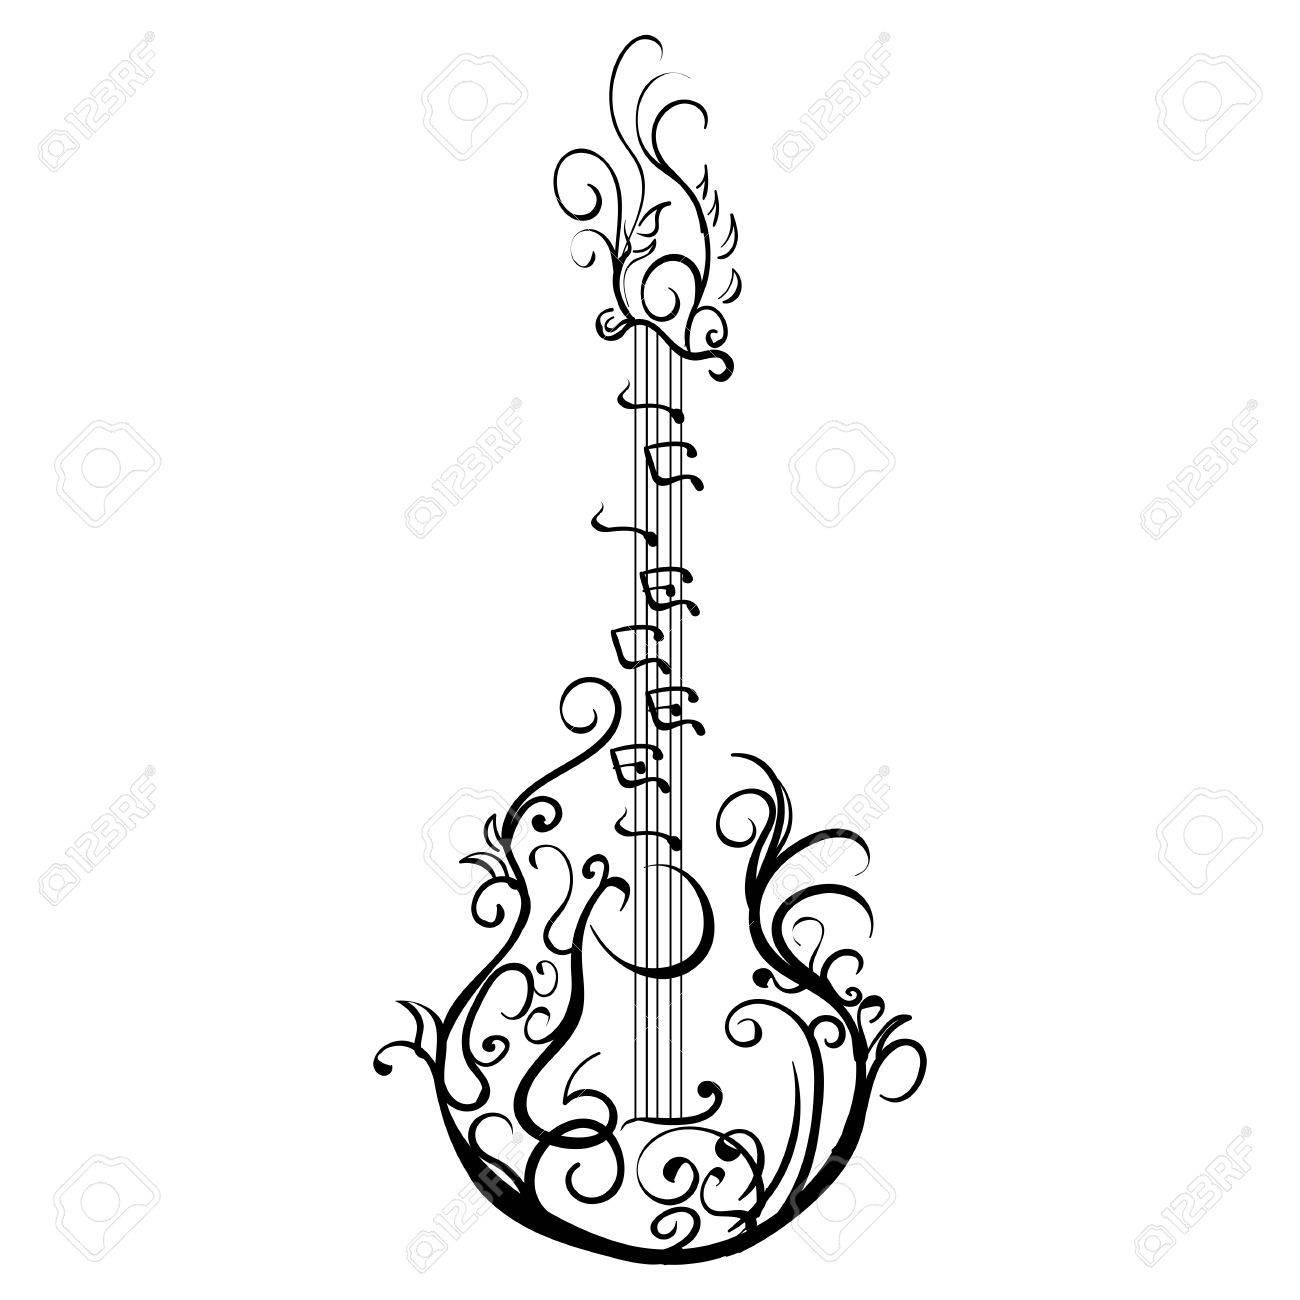 Les Paul Guitar Drawing At Getdrawings